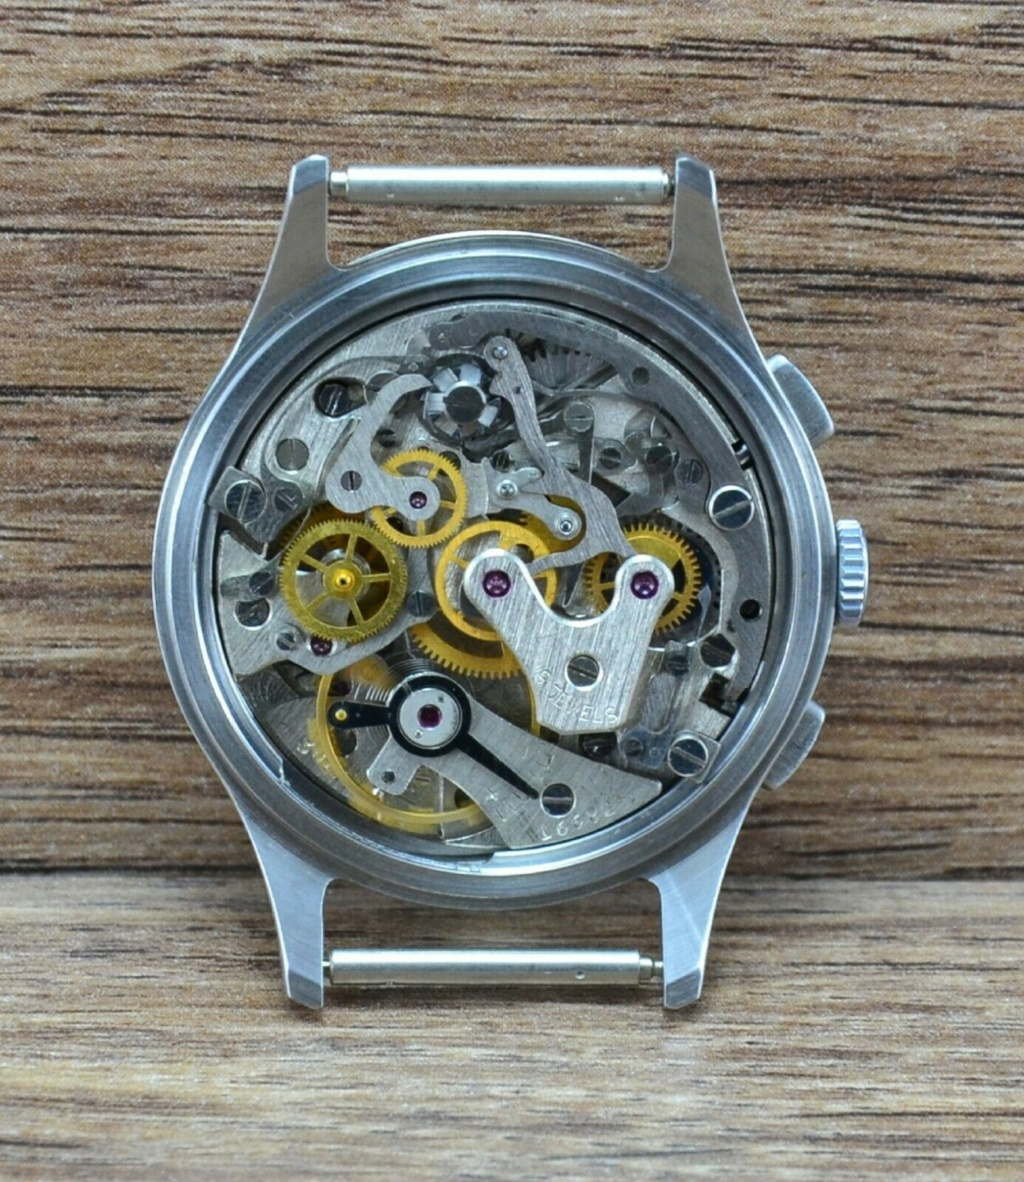 Mido -  [Postez ICI les demandes d'IDENTIFICATION et RENSEIGNEMENTS de vos montres] - Page 19 511